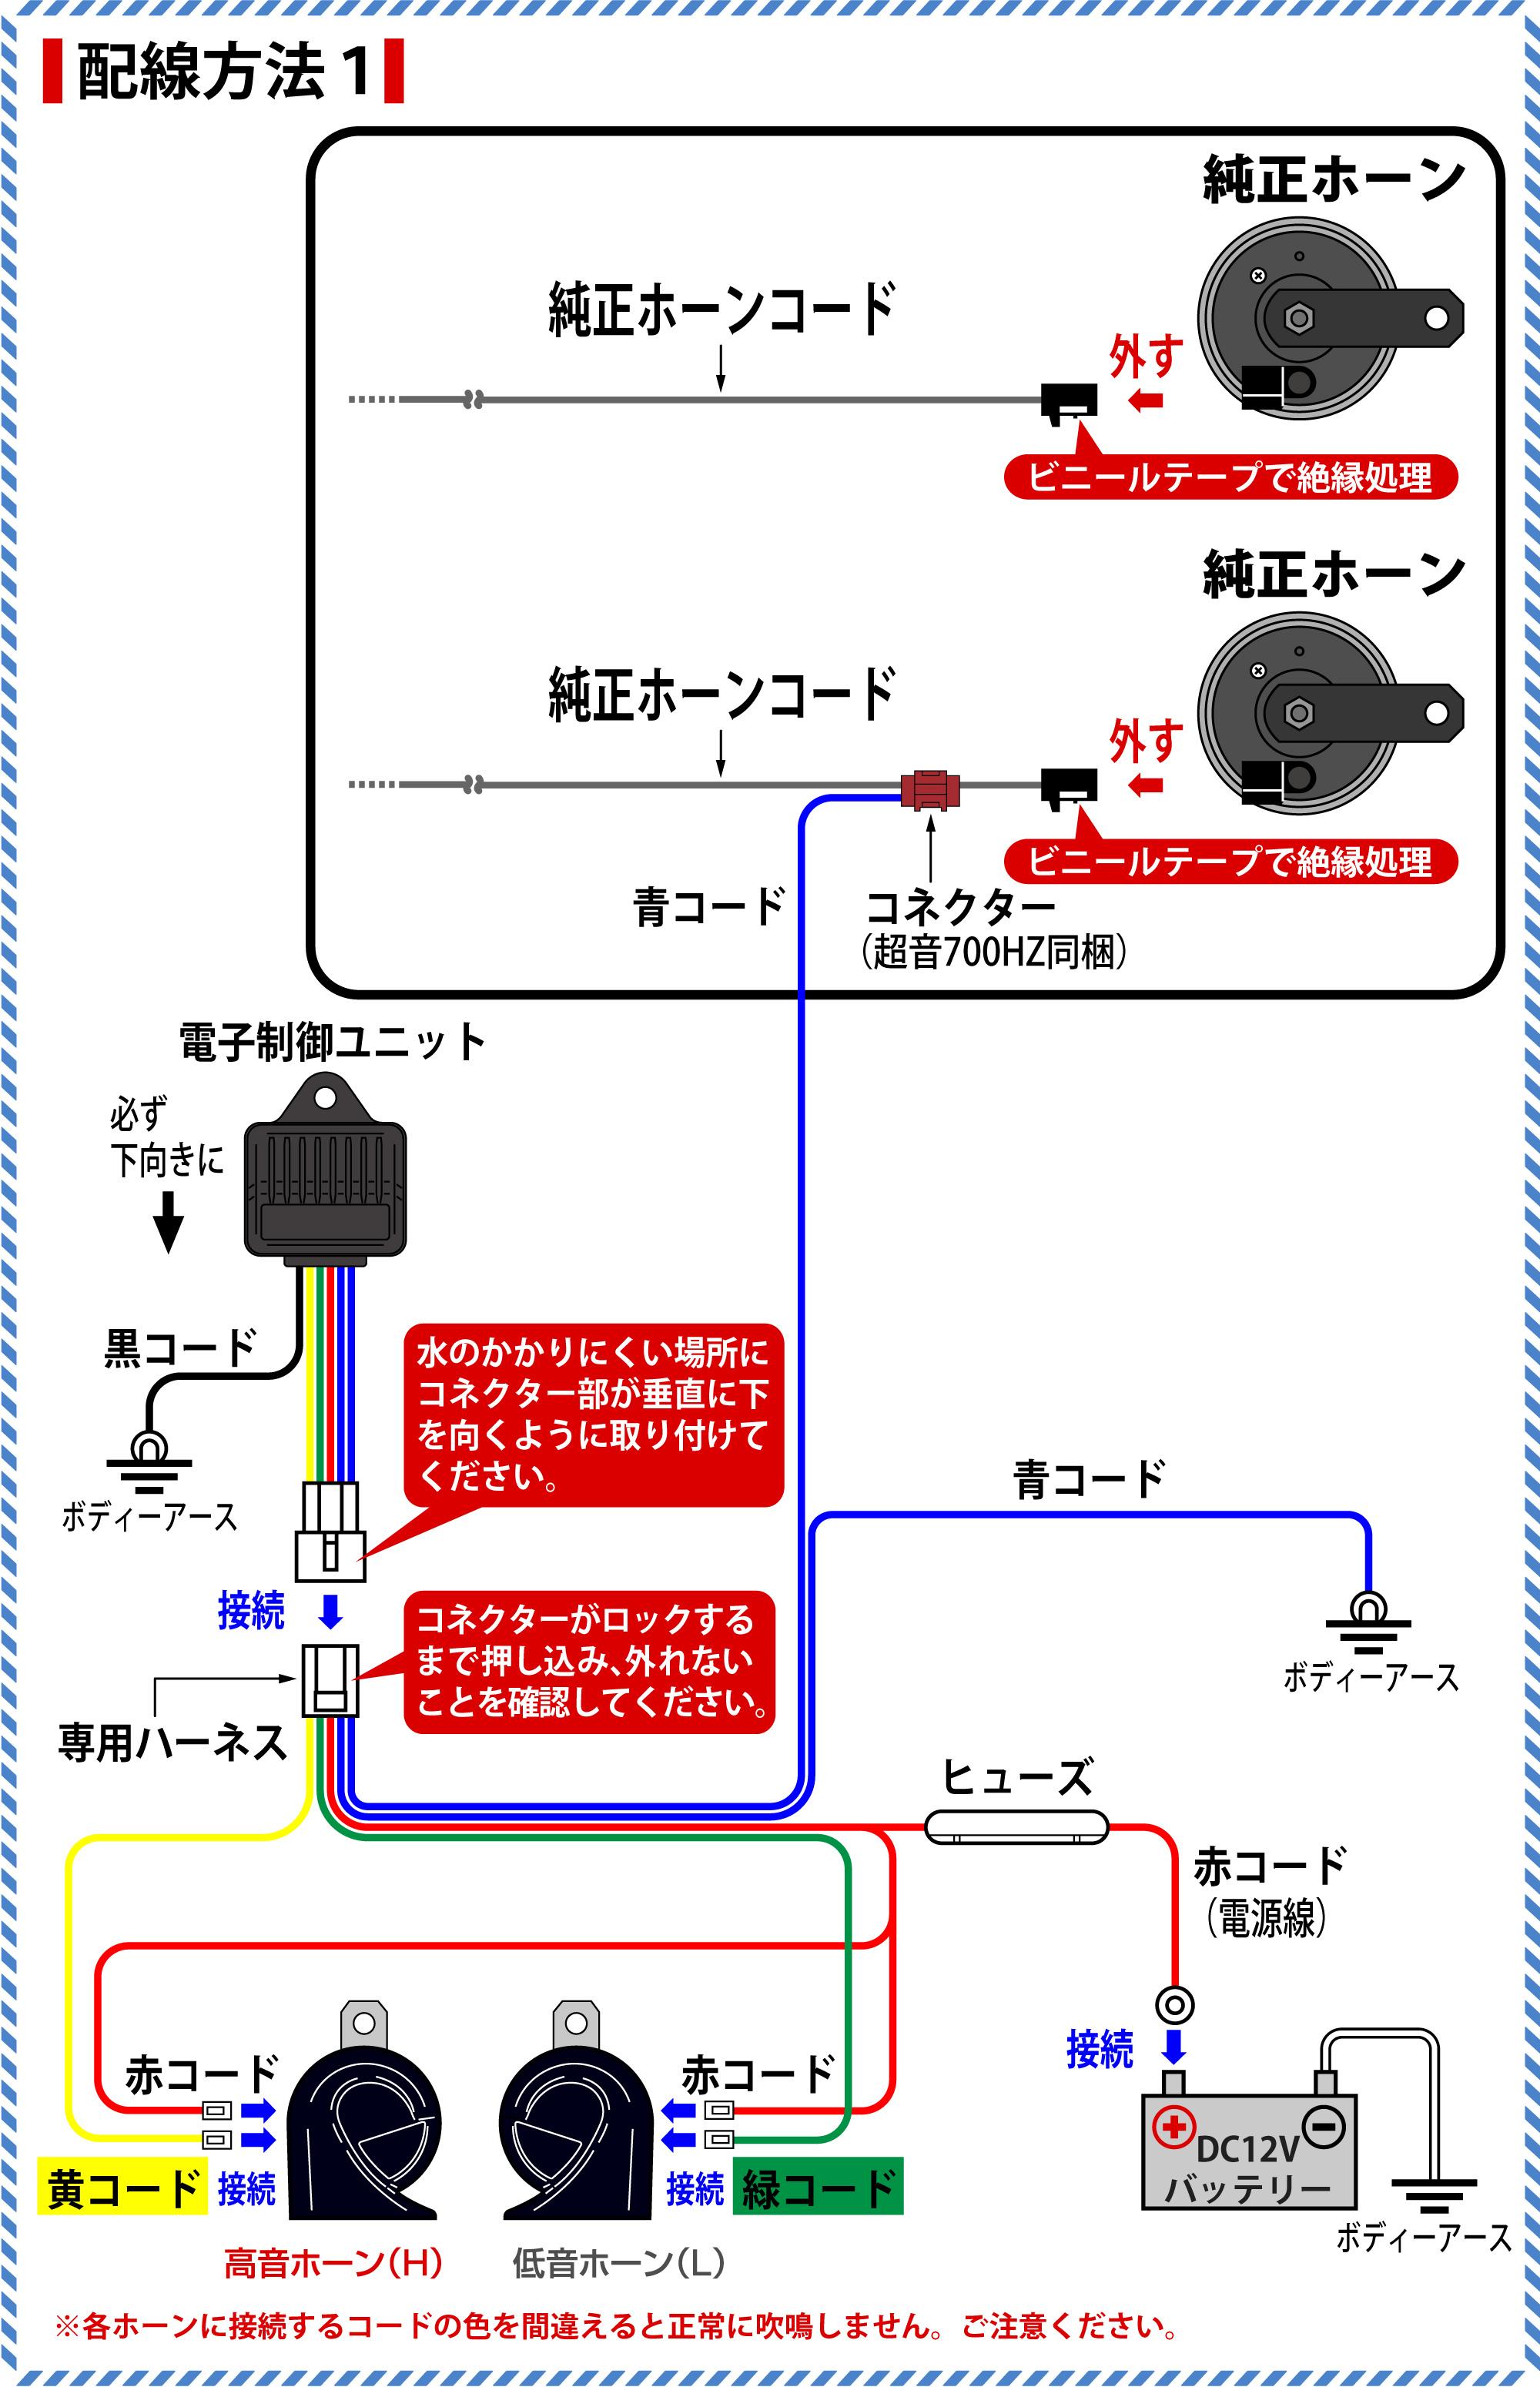 ハイラックス(GUN125)のホーン交換